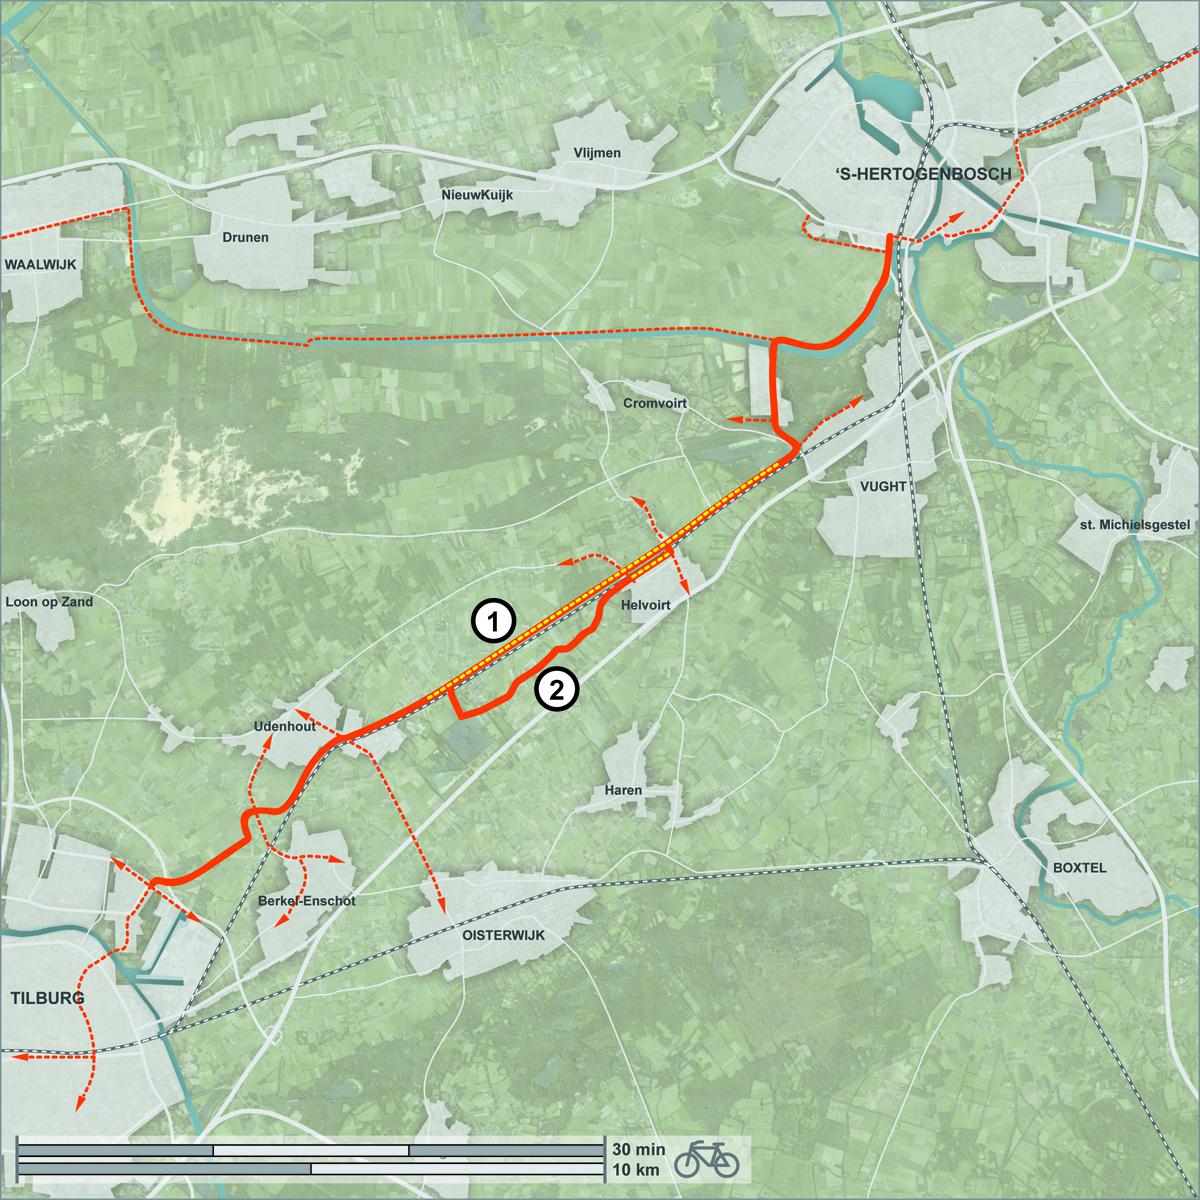 Kaart met voorgestelde tracé tussen 's-Hertogenbosch en Tilburg. Gele stippen duiden nieuwe infra aan, rest is over bestaand netwerk